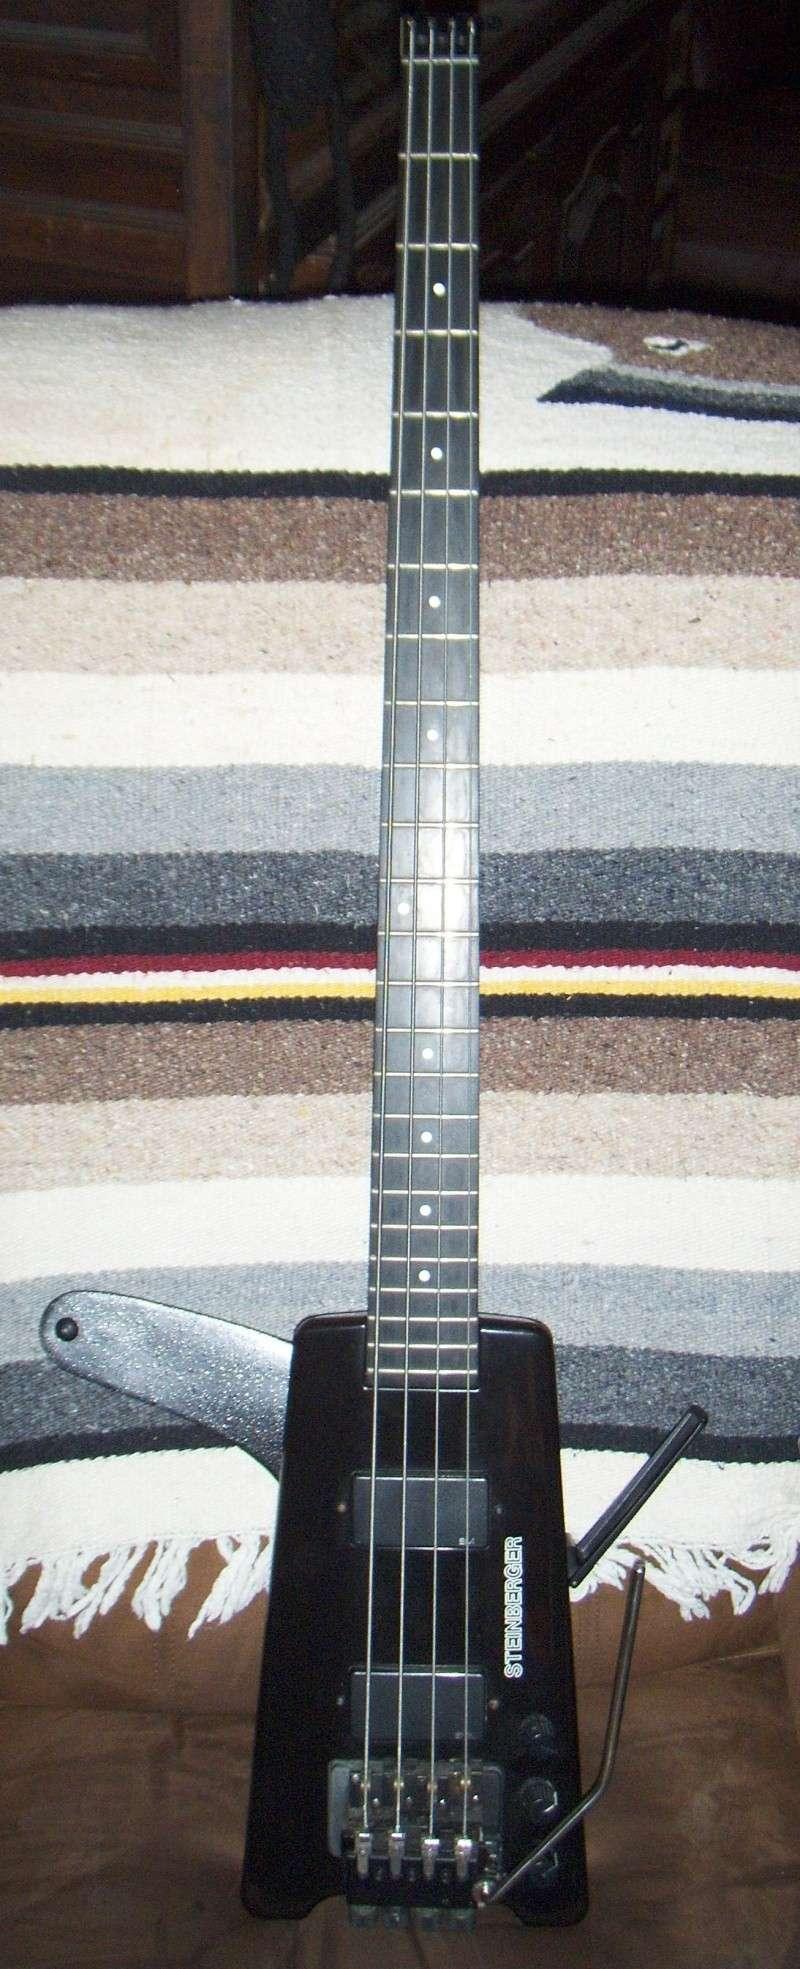 dating steinberger guitars Kaufbeuren